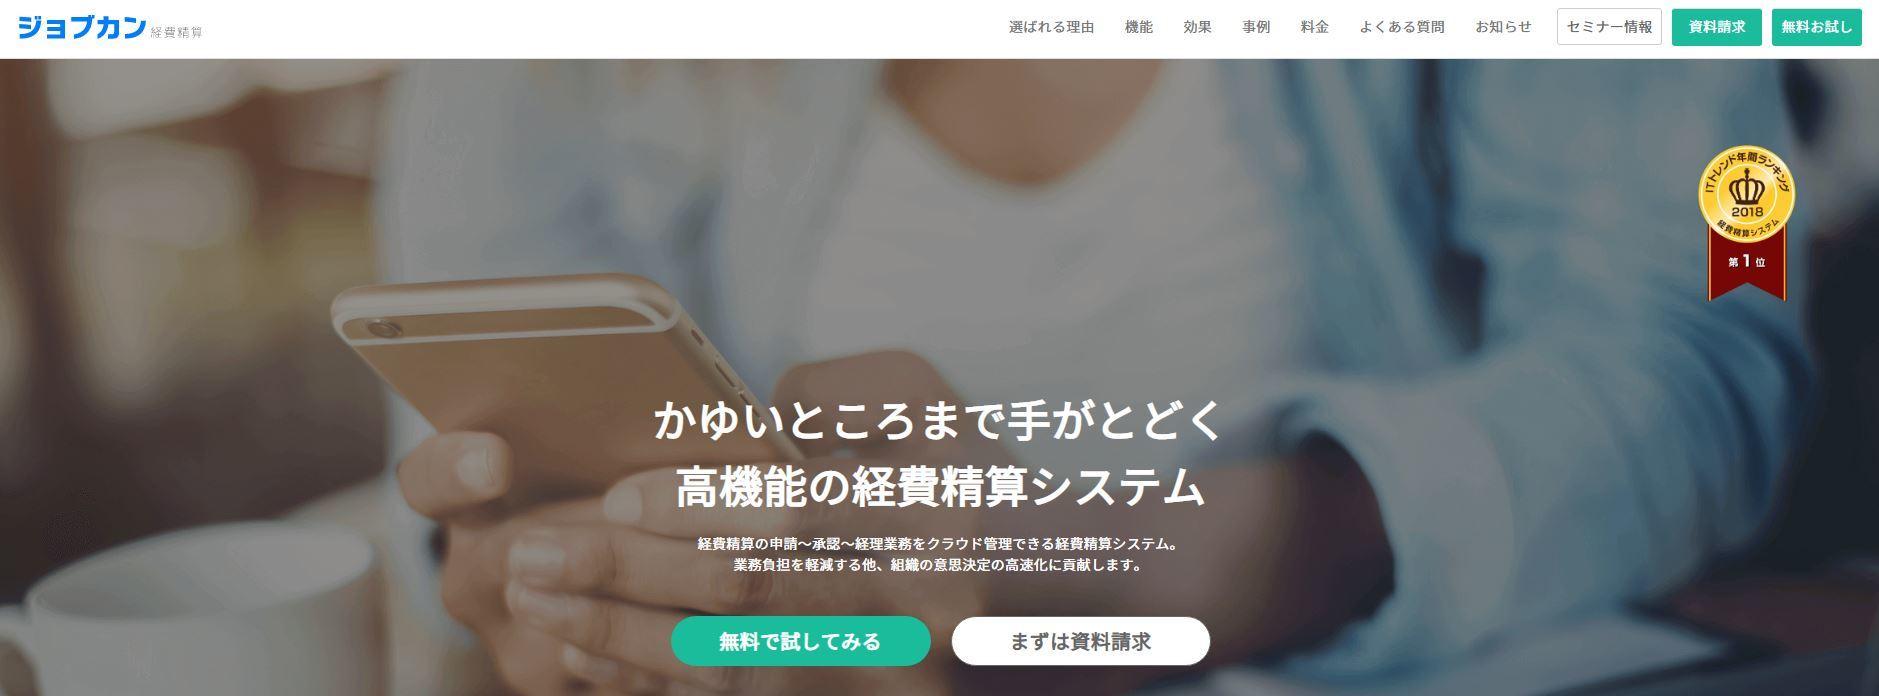 ジョブカン経費精算.jpg